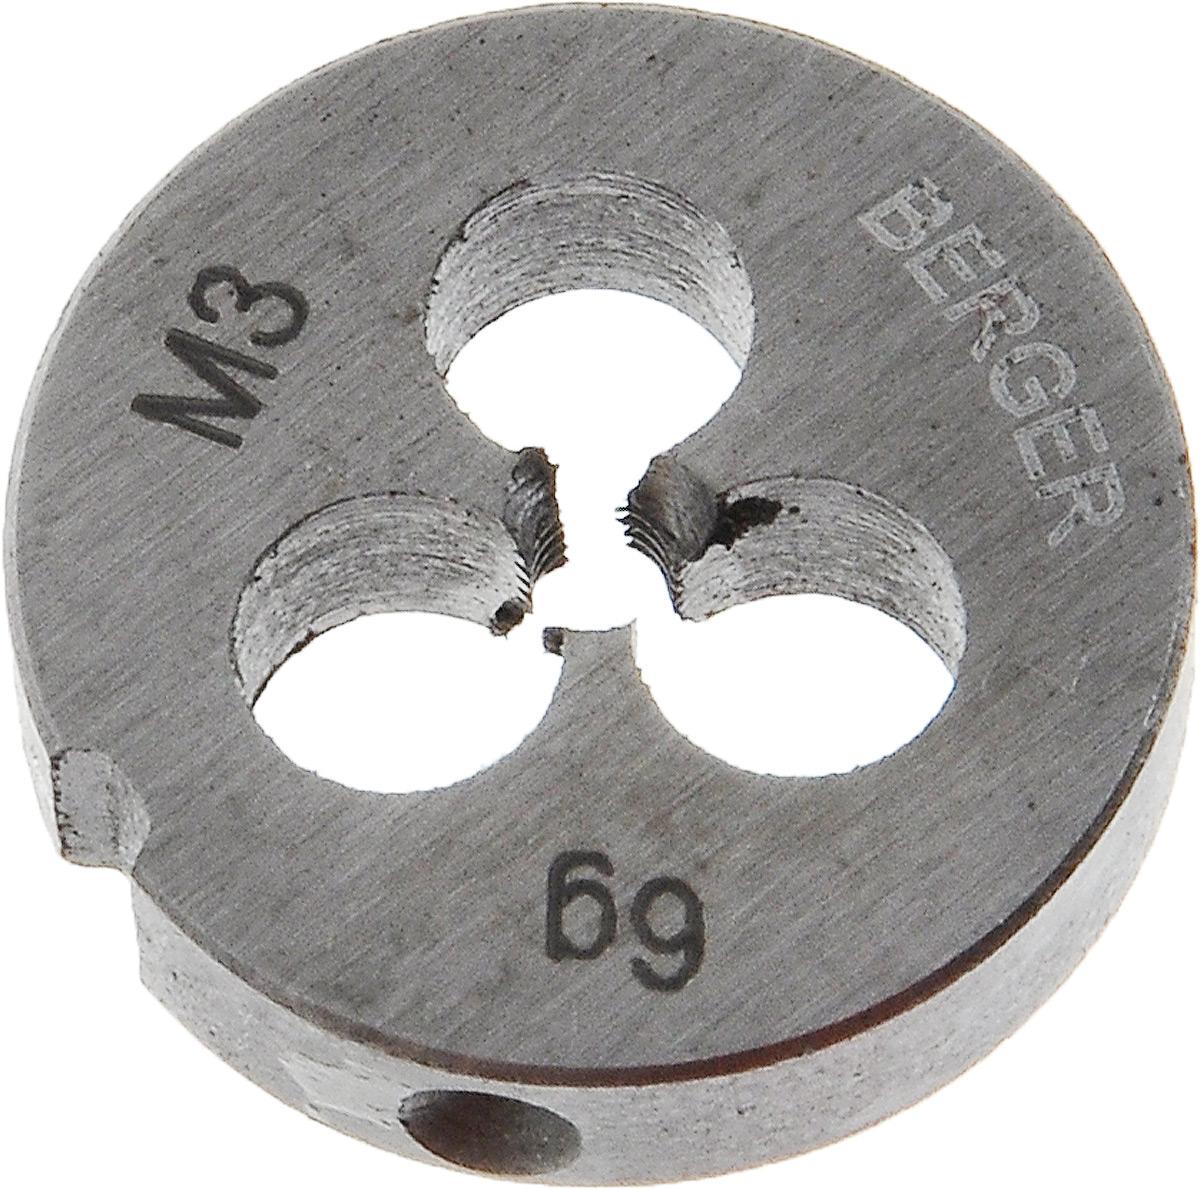 Плашка метрическая Berger, М3 х 0,5 ммCA-3505Плашка метрическая Berger изготовлена из инструментальной легированной стали 9ХС (средняя твердость 61 HRC), обладает повышенной износостойкостью, упругостью, сопротивлением к изгибу и кручению, стойкостью к контактным нагрузкам. Маркировка плашки облегчает идентификацию. Метрические плашки предназначены для создания желаемой спирали (метрической резьбы) с внешней стороны изделия.Шаг резьбы: 0,5 мм.